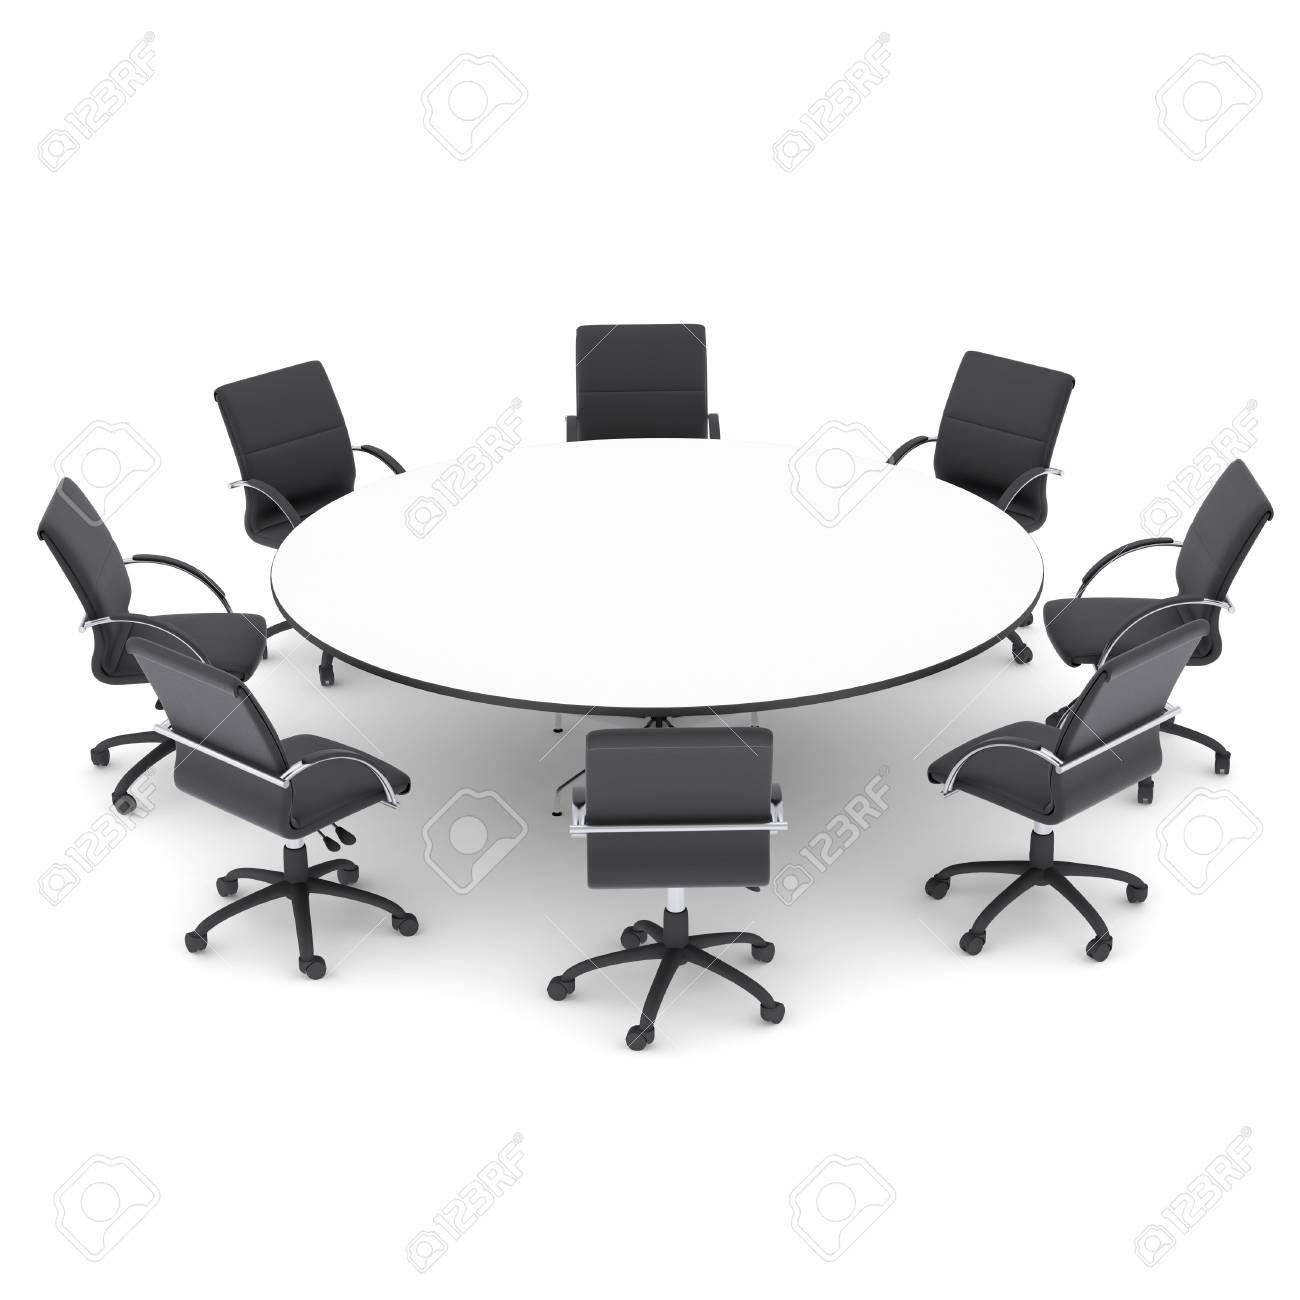 Les Chaises De Bureau Et Table Ronde Isole Rendre Sur Un Fond Blanc